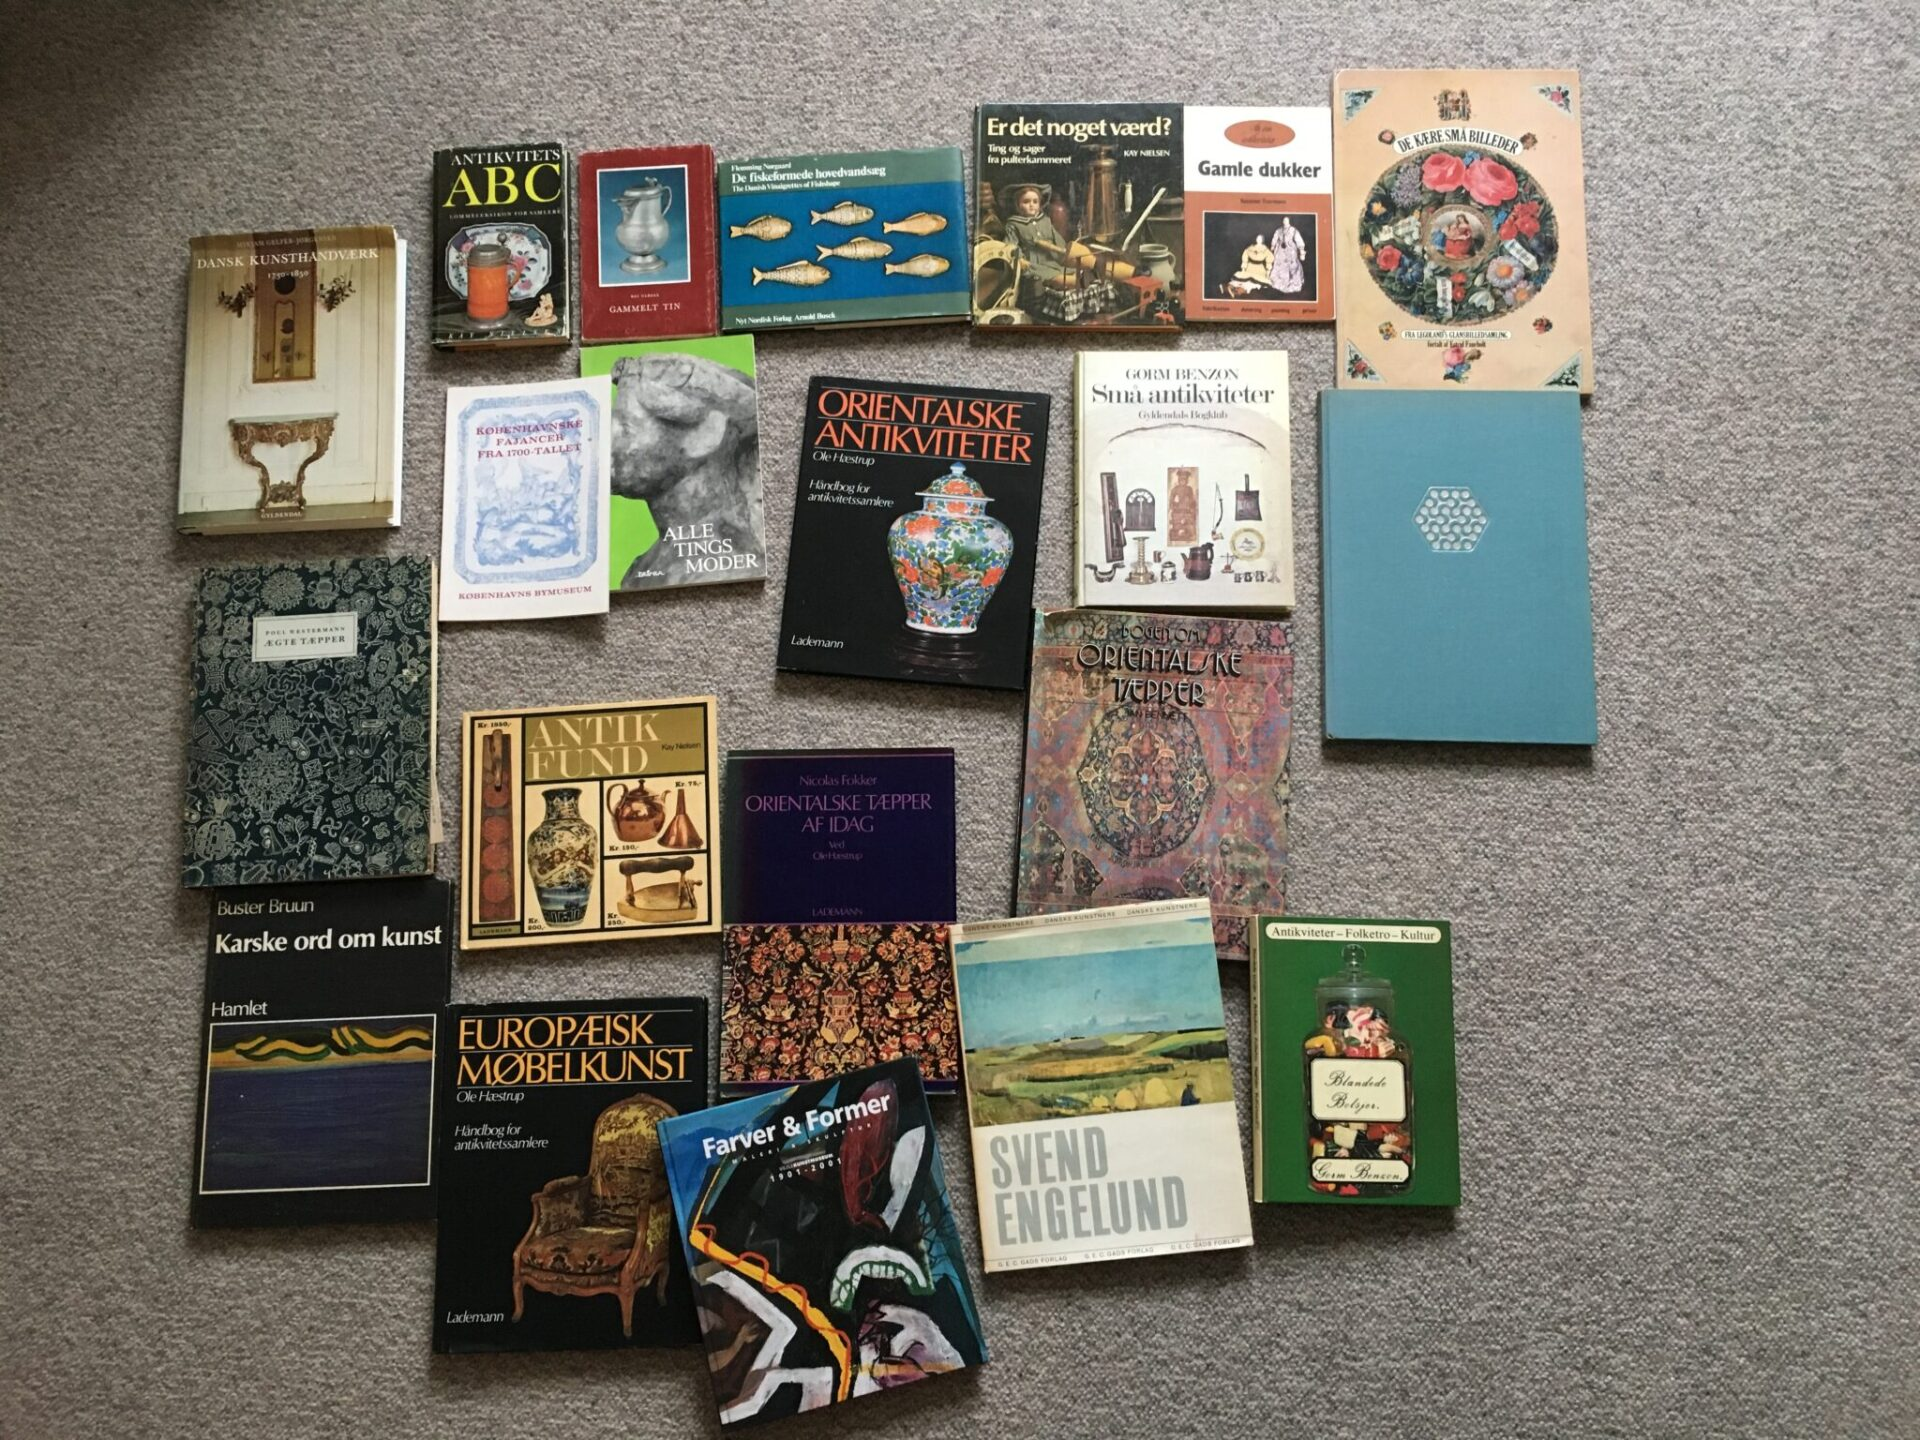 Bogudsalg: 20 stk  bøger om kunst og antikviteter kan afhendtes for400 kr.